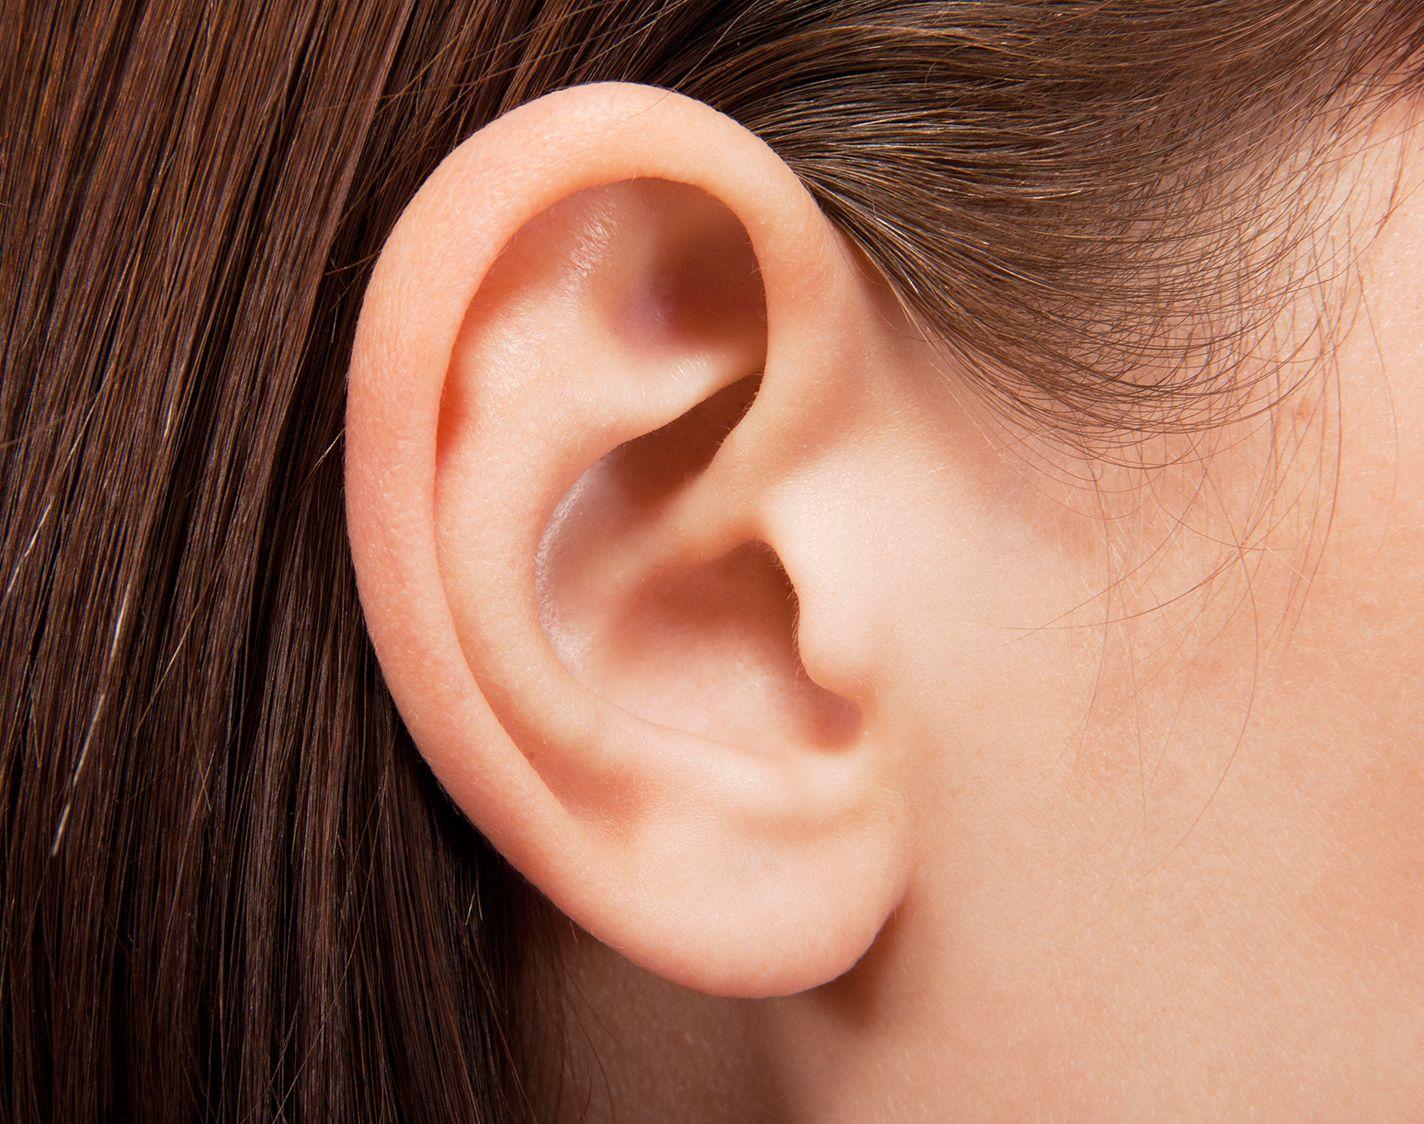 Traitement de la microtie de l'oreille à Paris